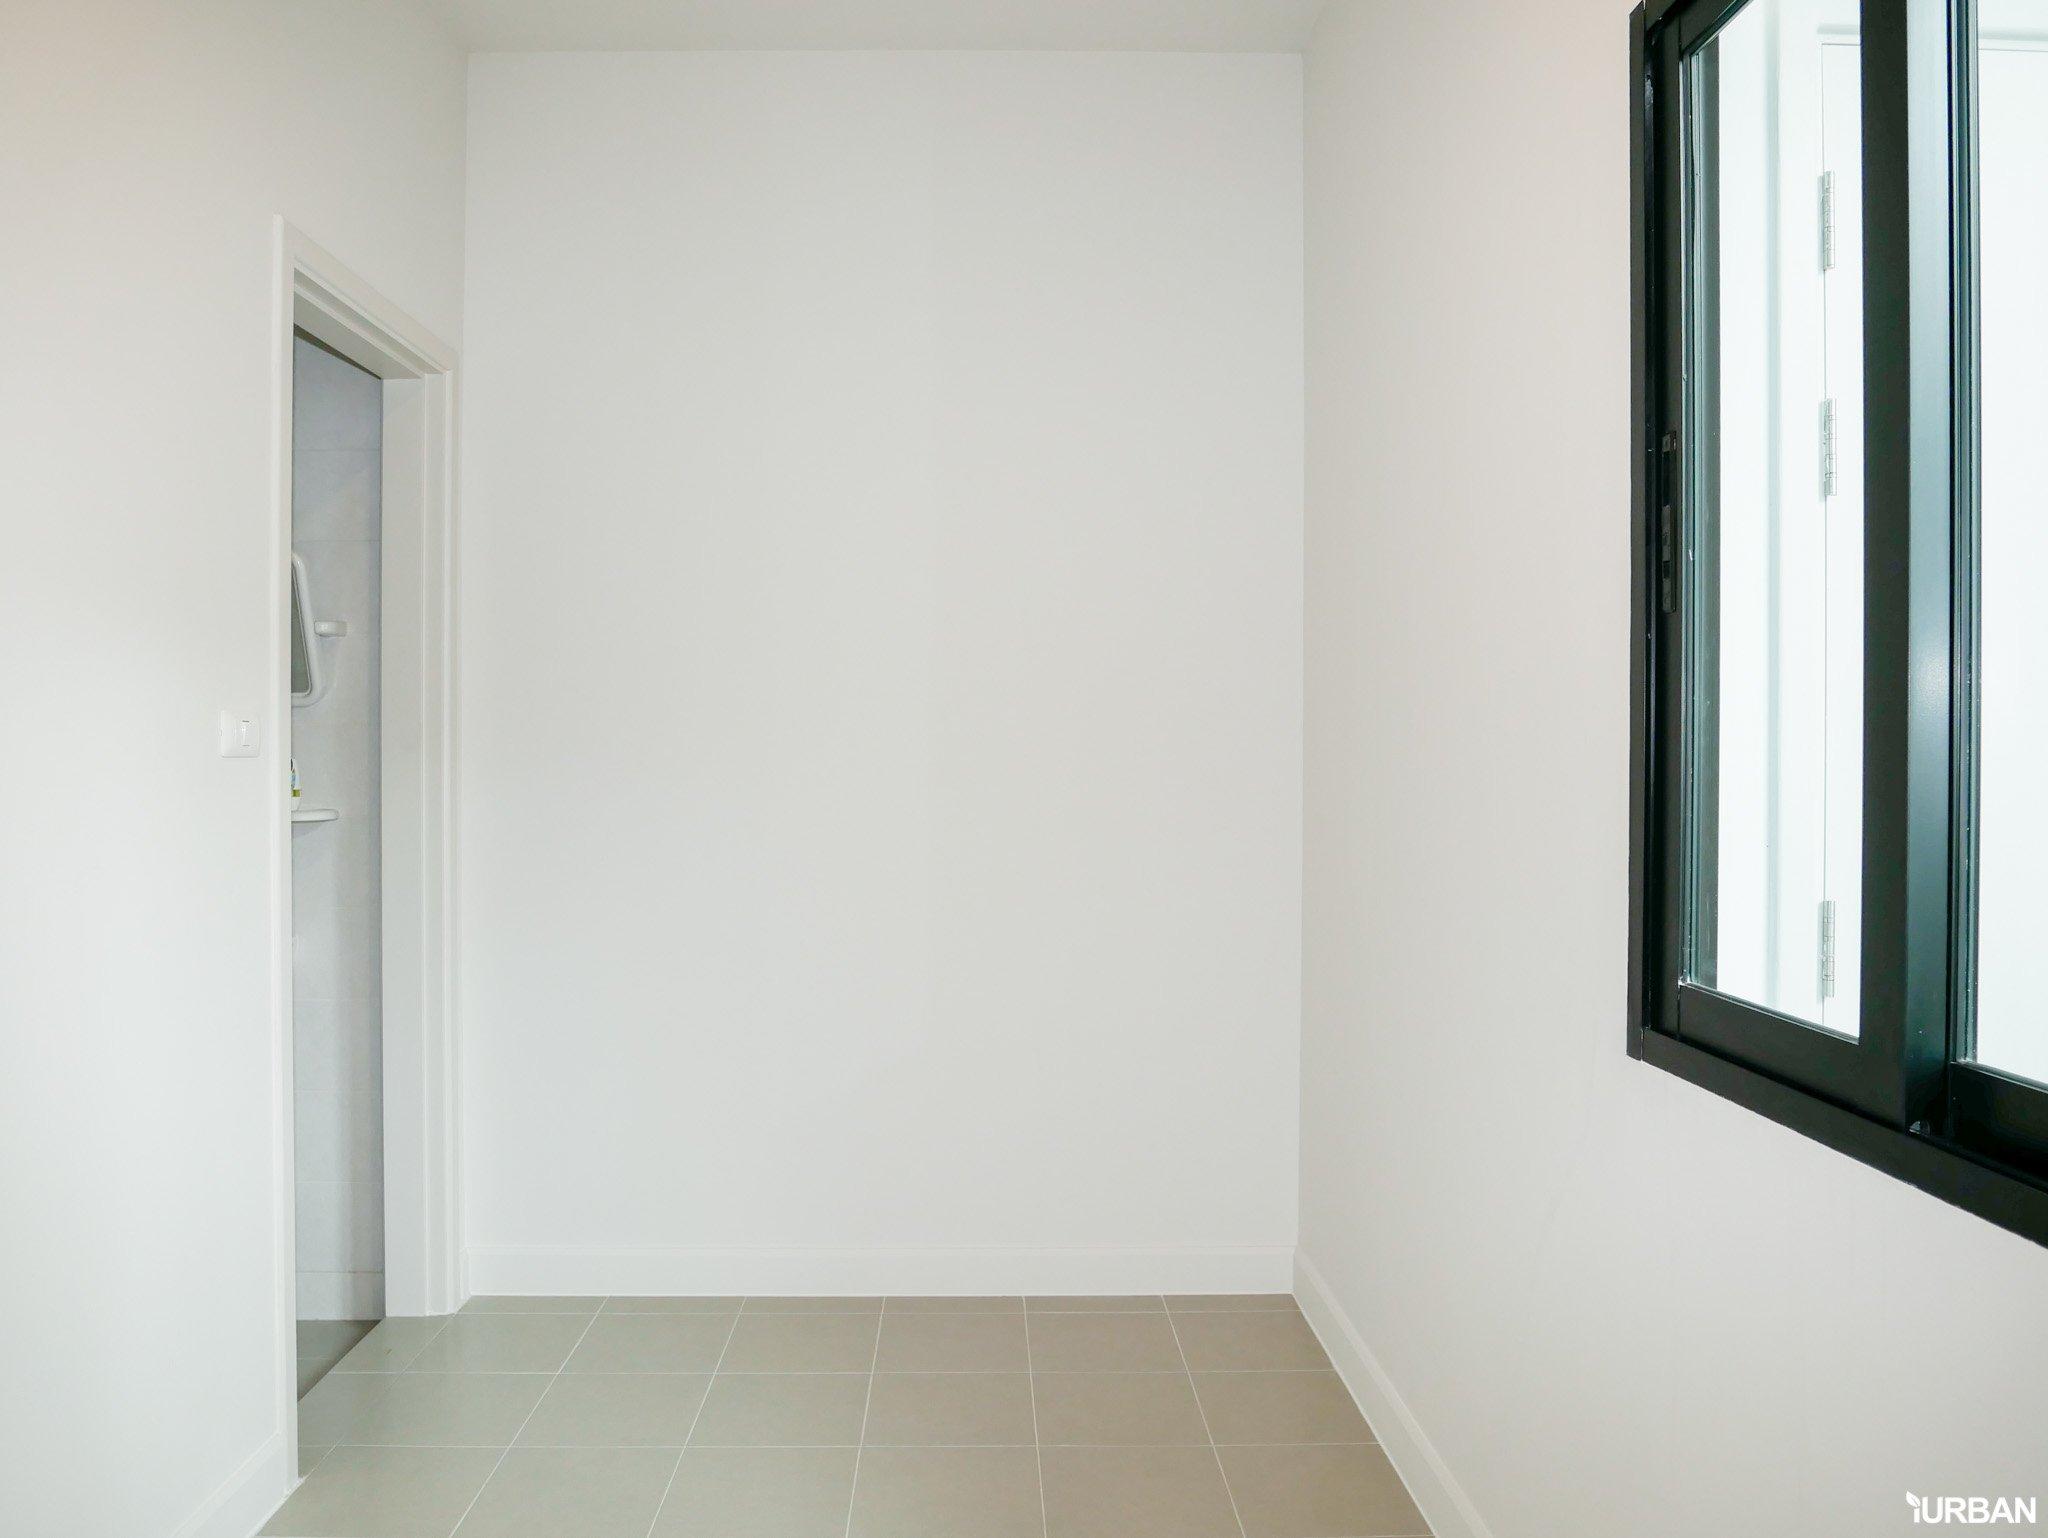 AIRI แอริ พระราม 2 บ้านเดี่ยว 4 ห้องนอน ออกแบบโปร่งสบายด้วยแนวคิดผสานการใช้ชีวิตกับธรรมชาติ 88 - Ananda Development (อนันดา ดีเวลลอปเม้นท์)